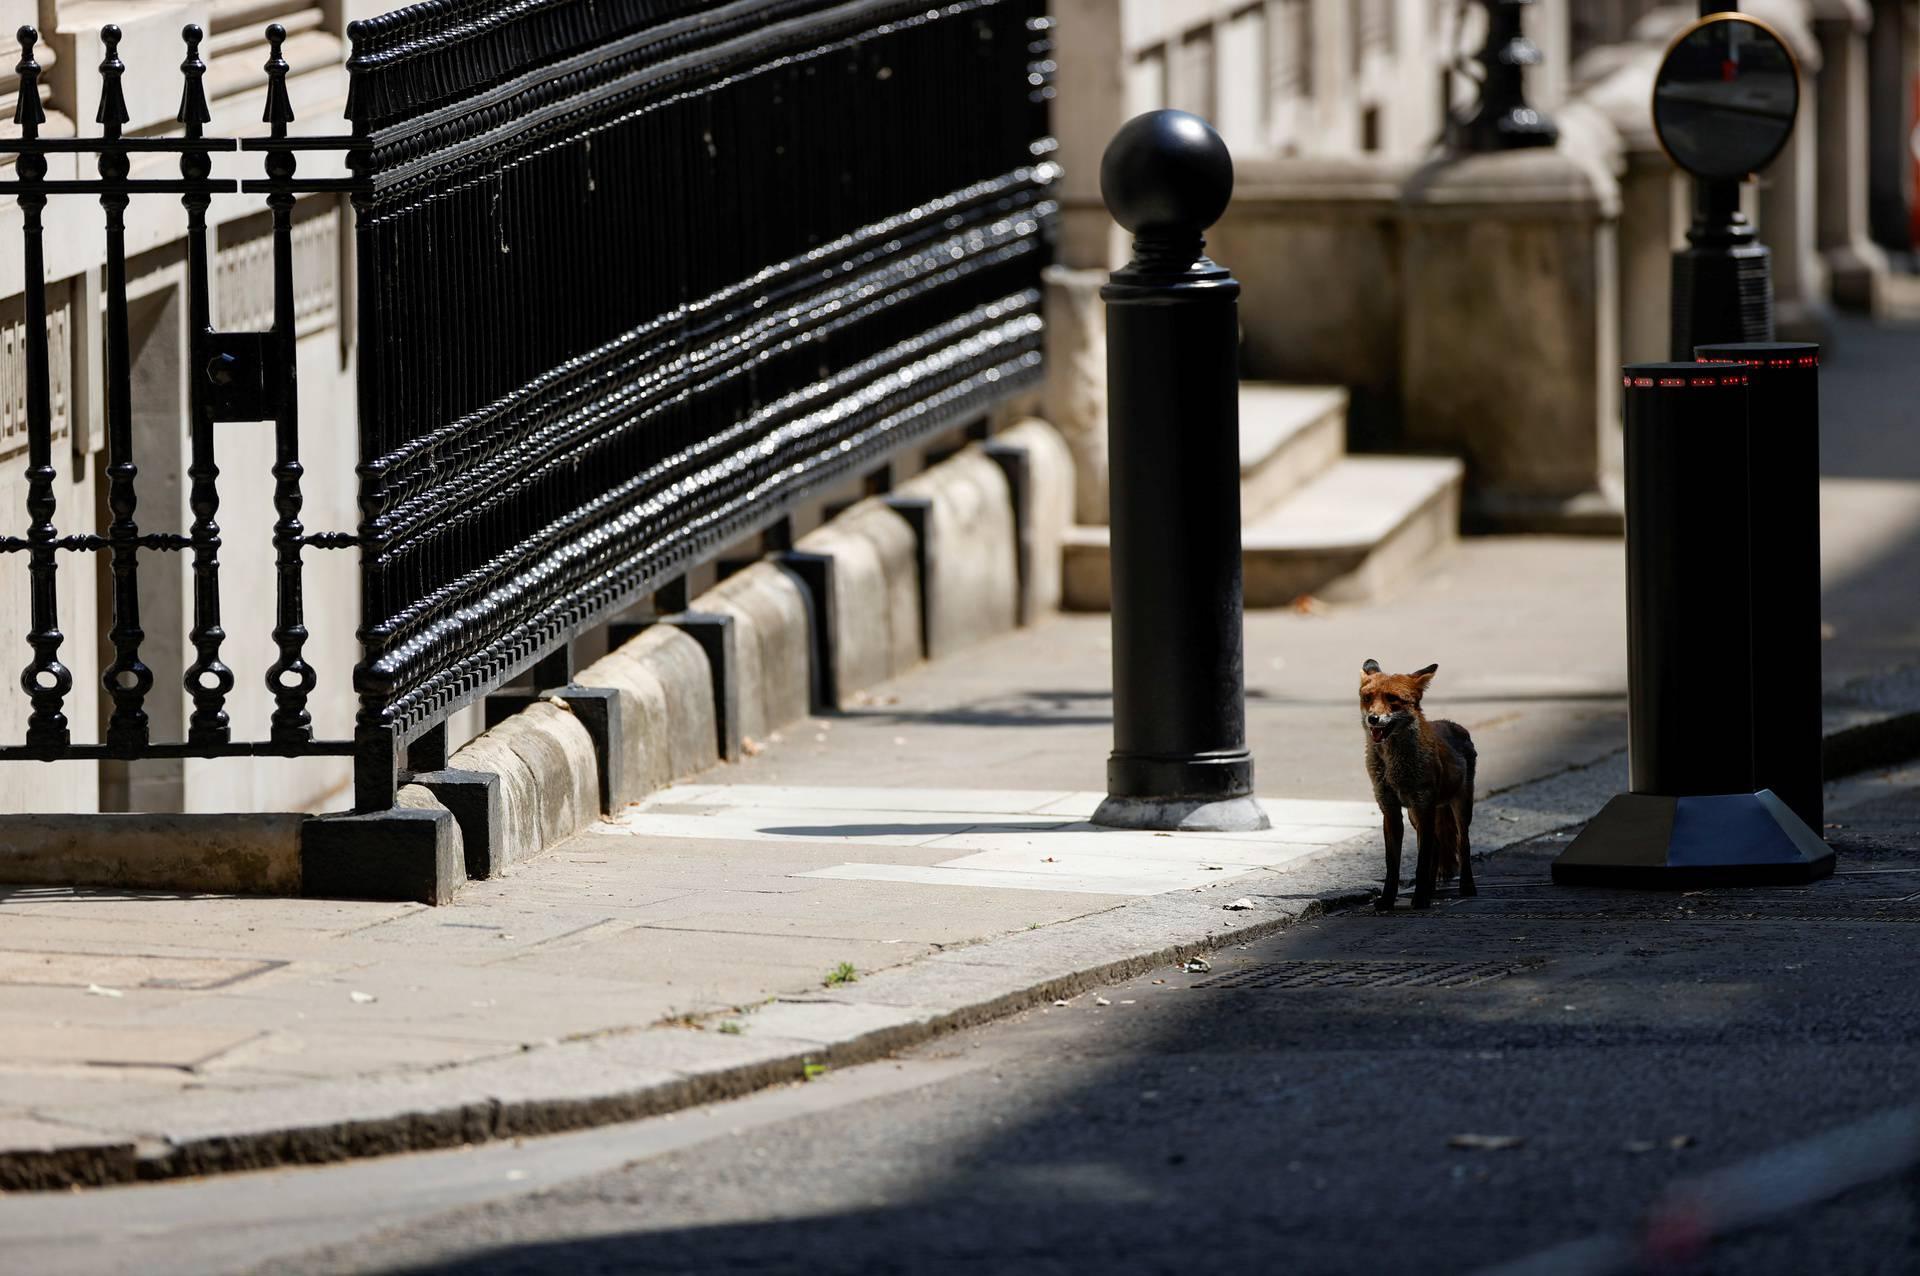 A fox is seen in Downing Street in London